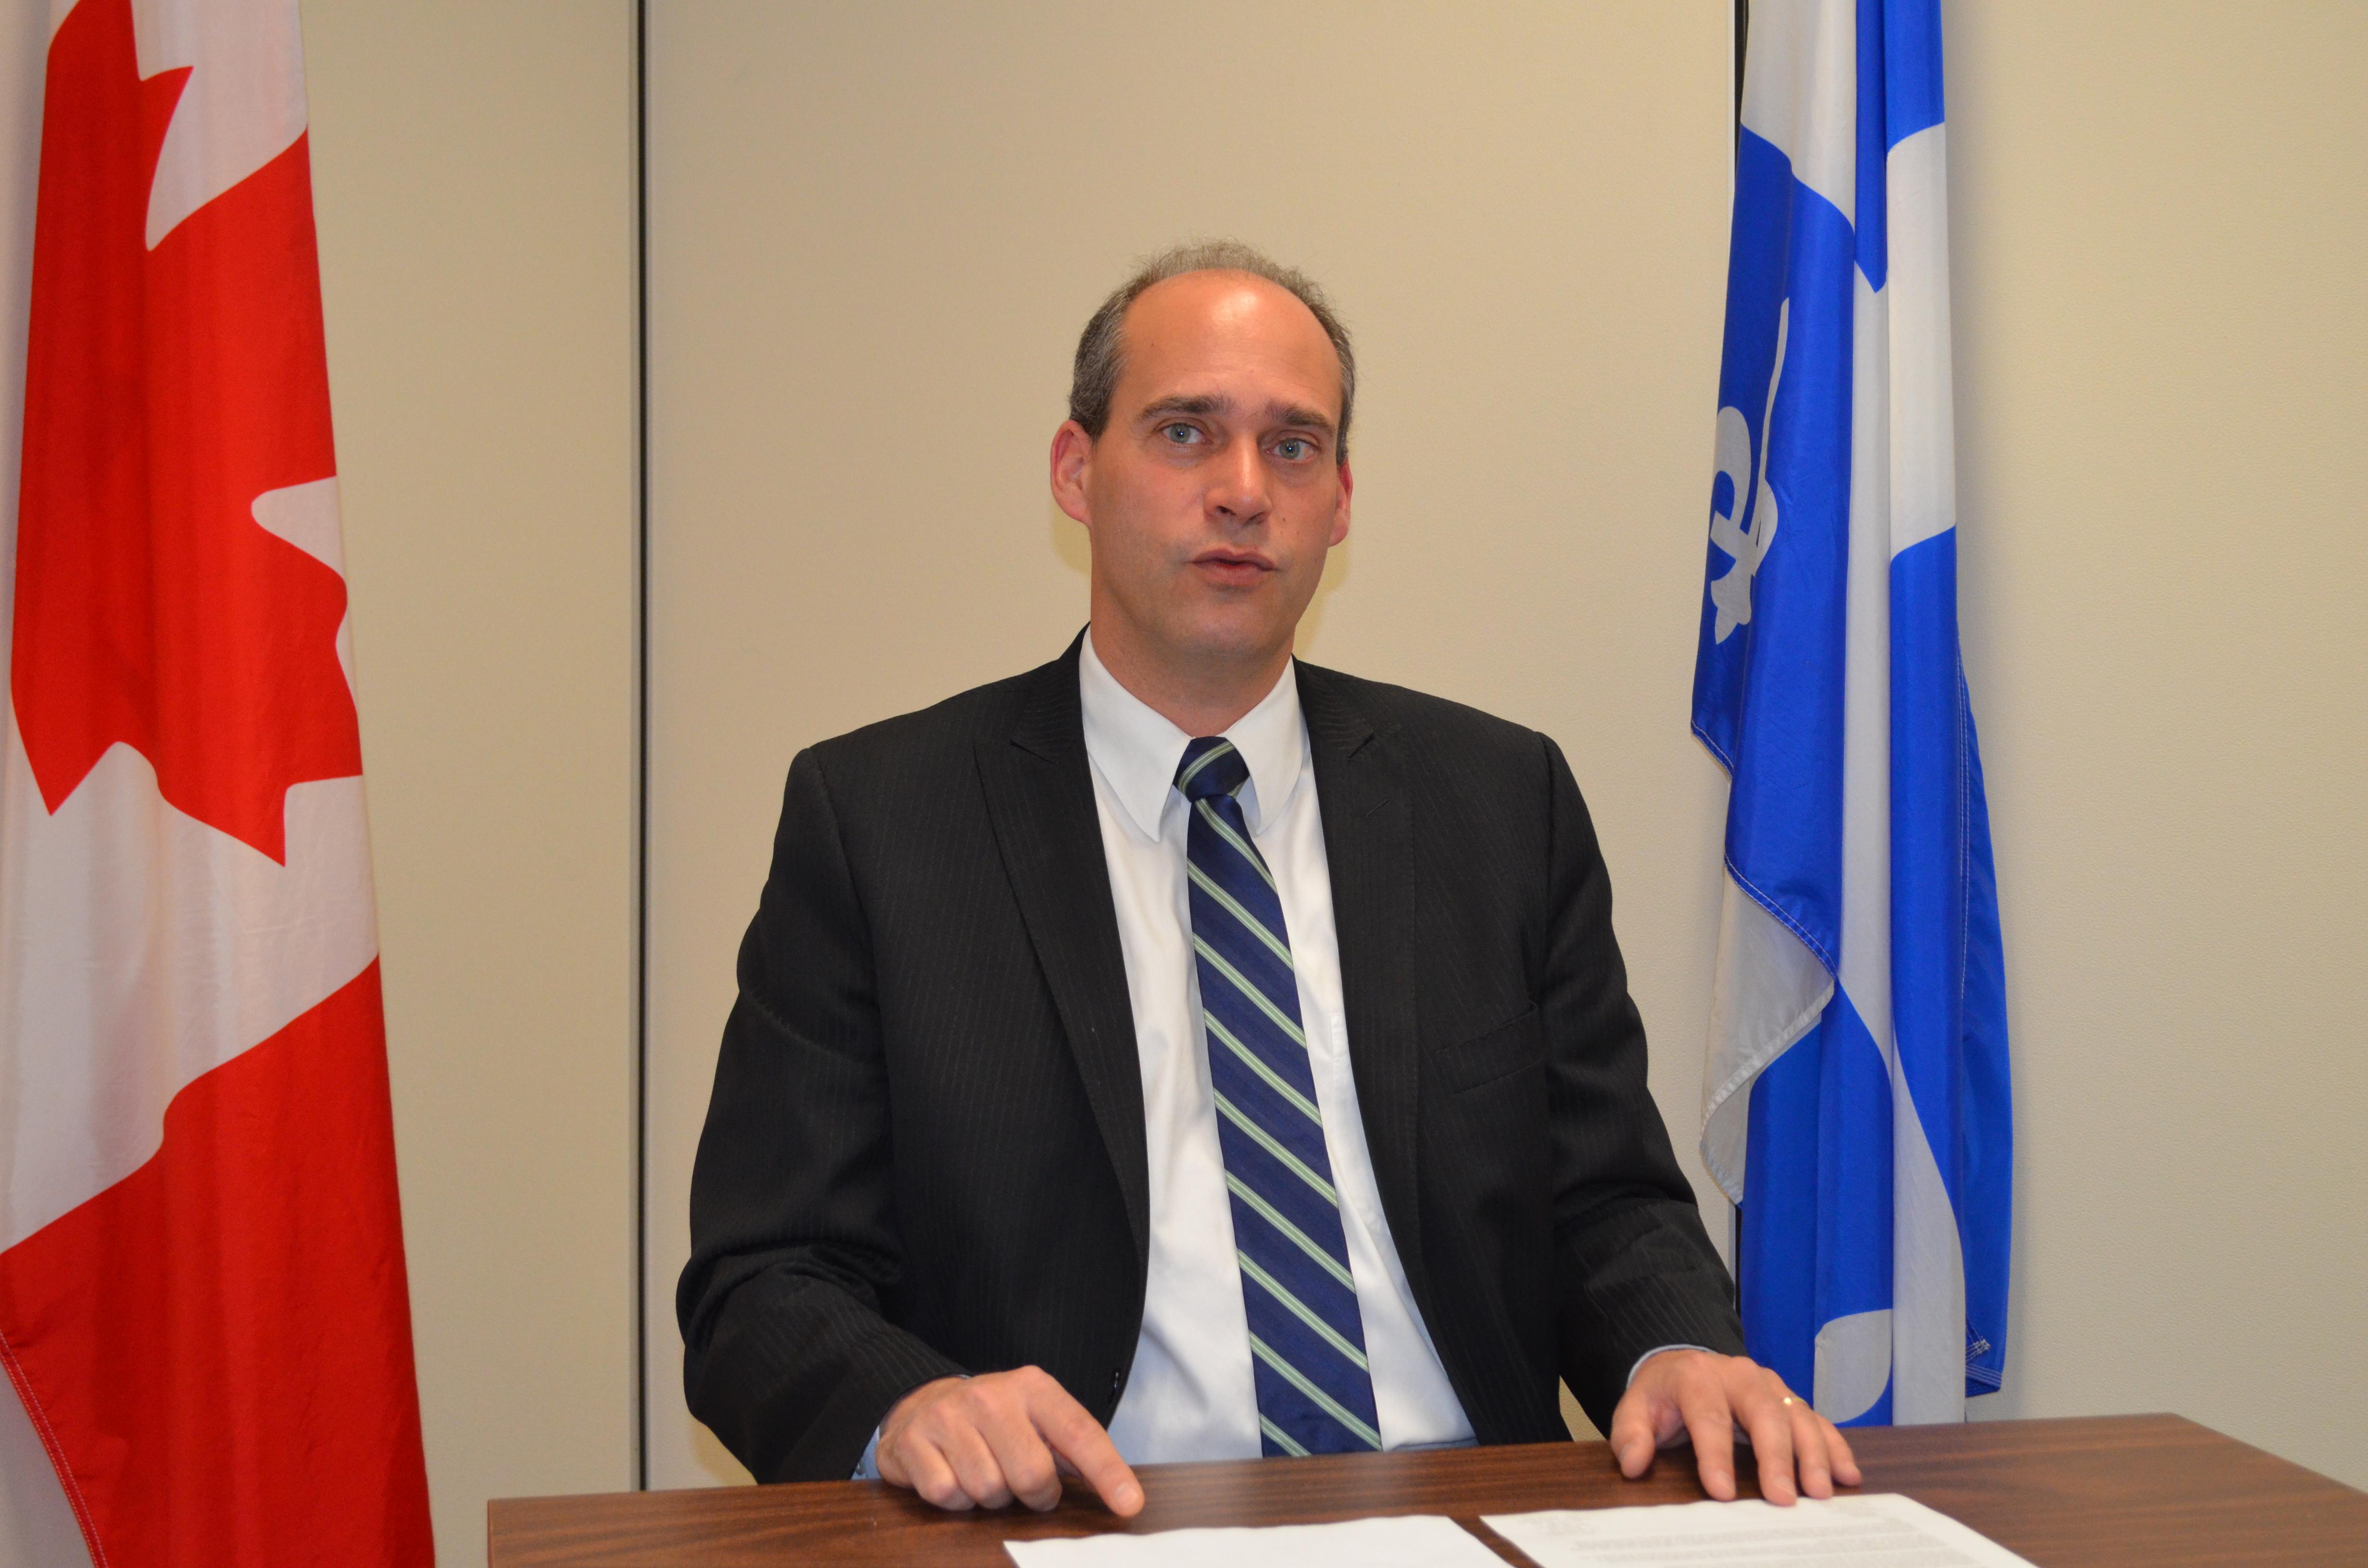 Le député fédéral de la circonscription Rimouski-Neigette - Témiscouatat - Les Basques, Guy Caron